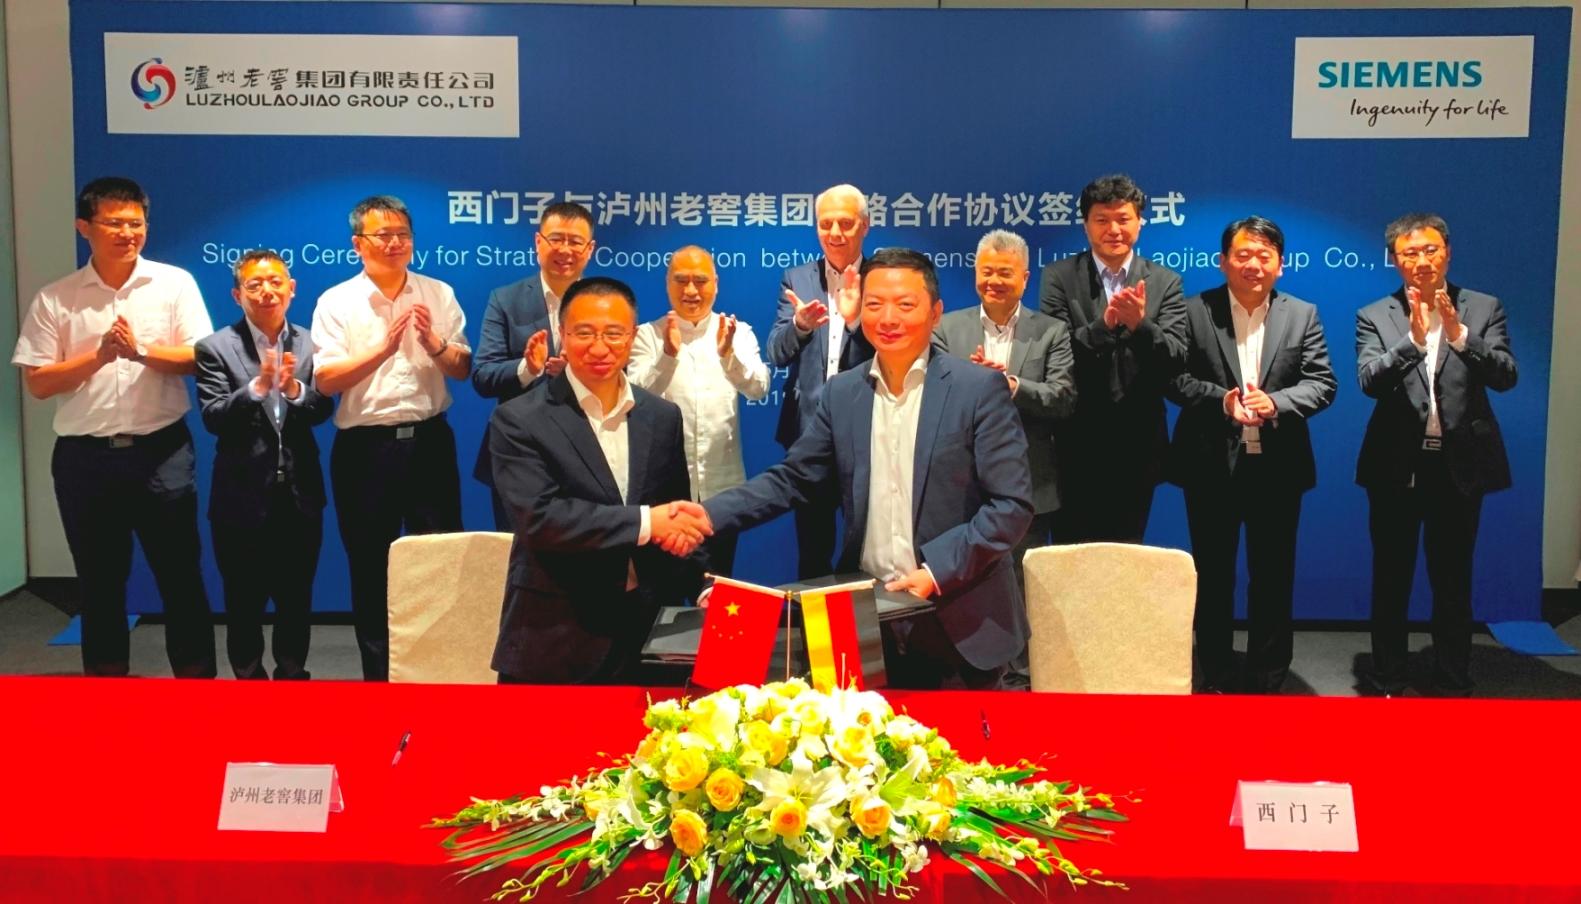 新闻图片_西门子与泸州老窖集团有限责任公司签署战略合作协议